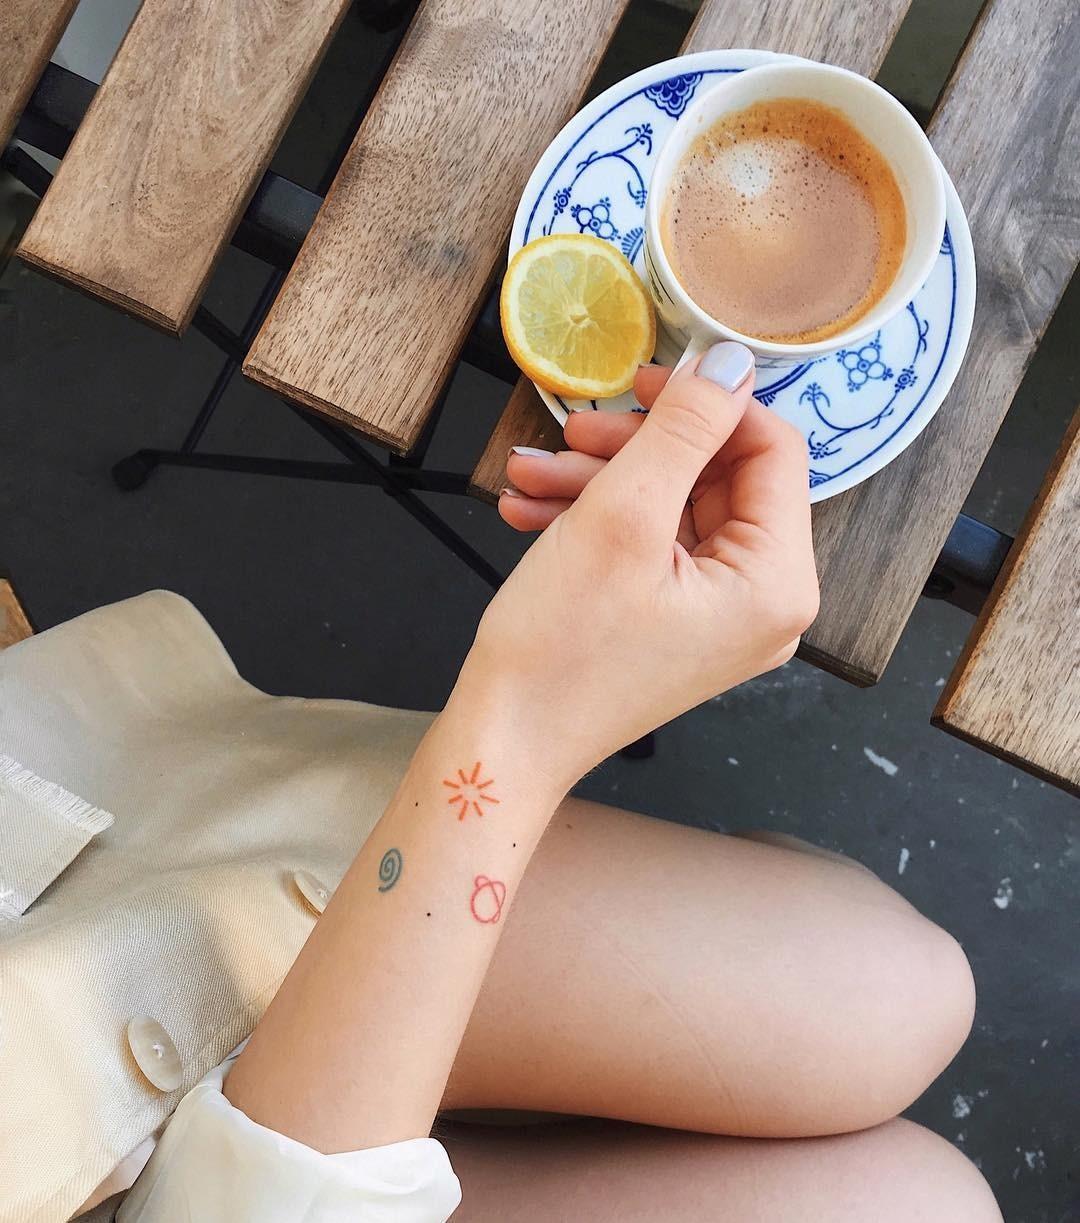 Минималистичная татуировка на запястье совершенно не обязательно должна быть понятна окружающим. Пусть она несет скрытый смысл, которым ты ее наделишь. Это могут быть изображения космичес...